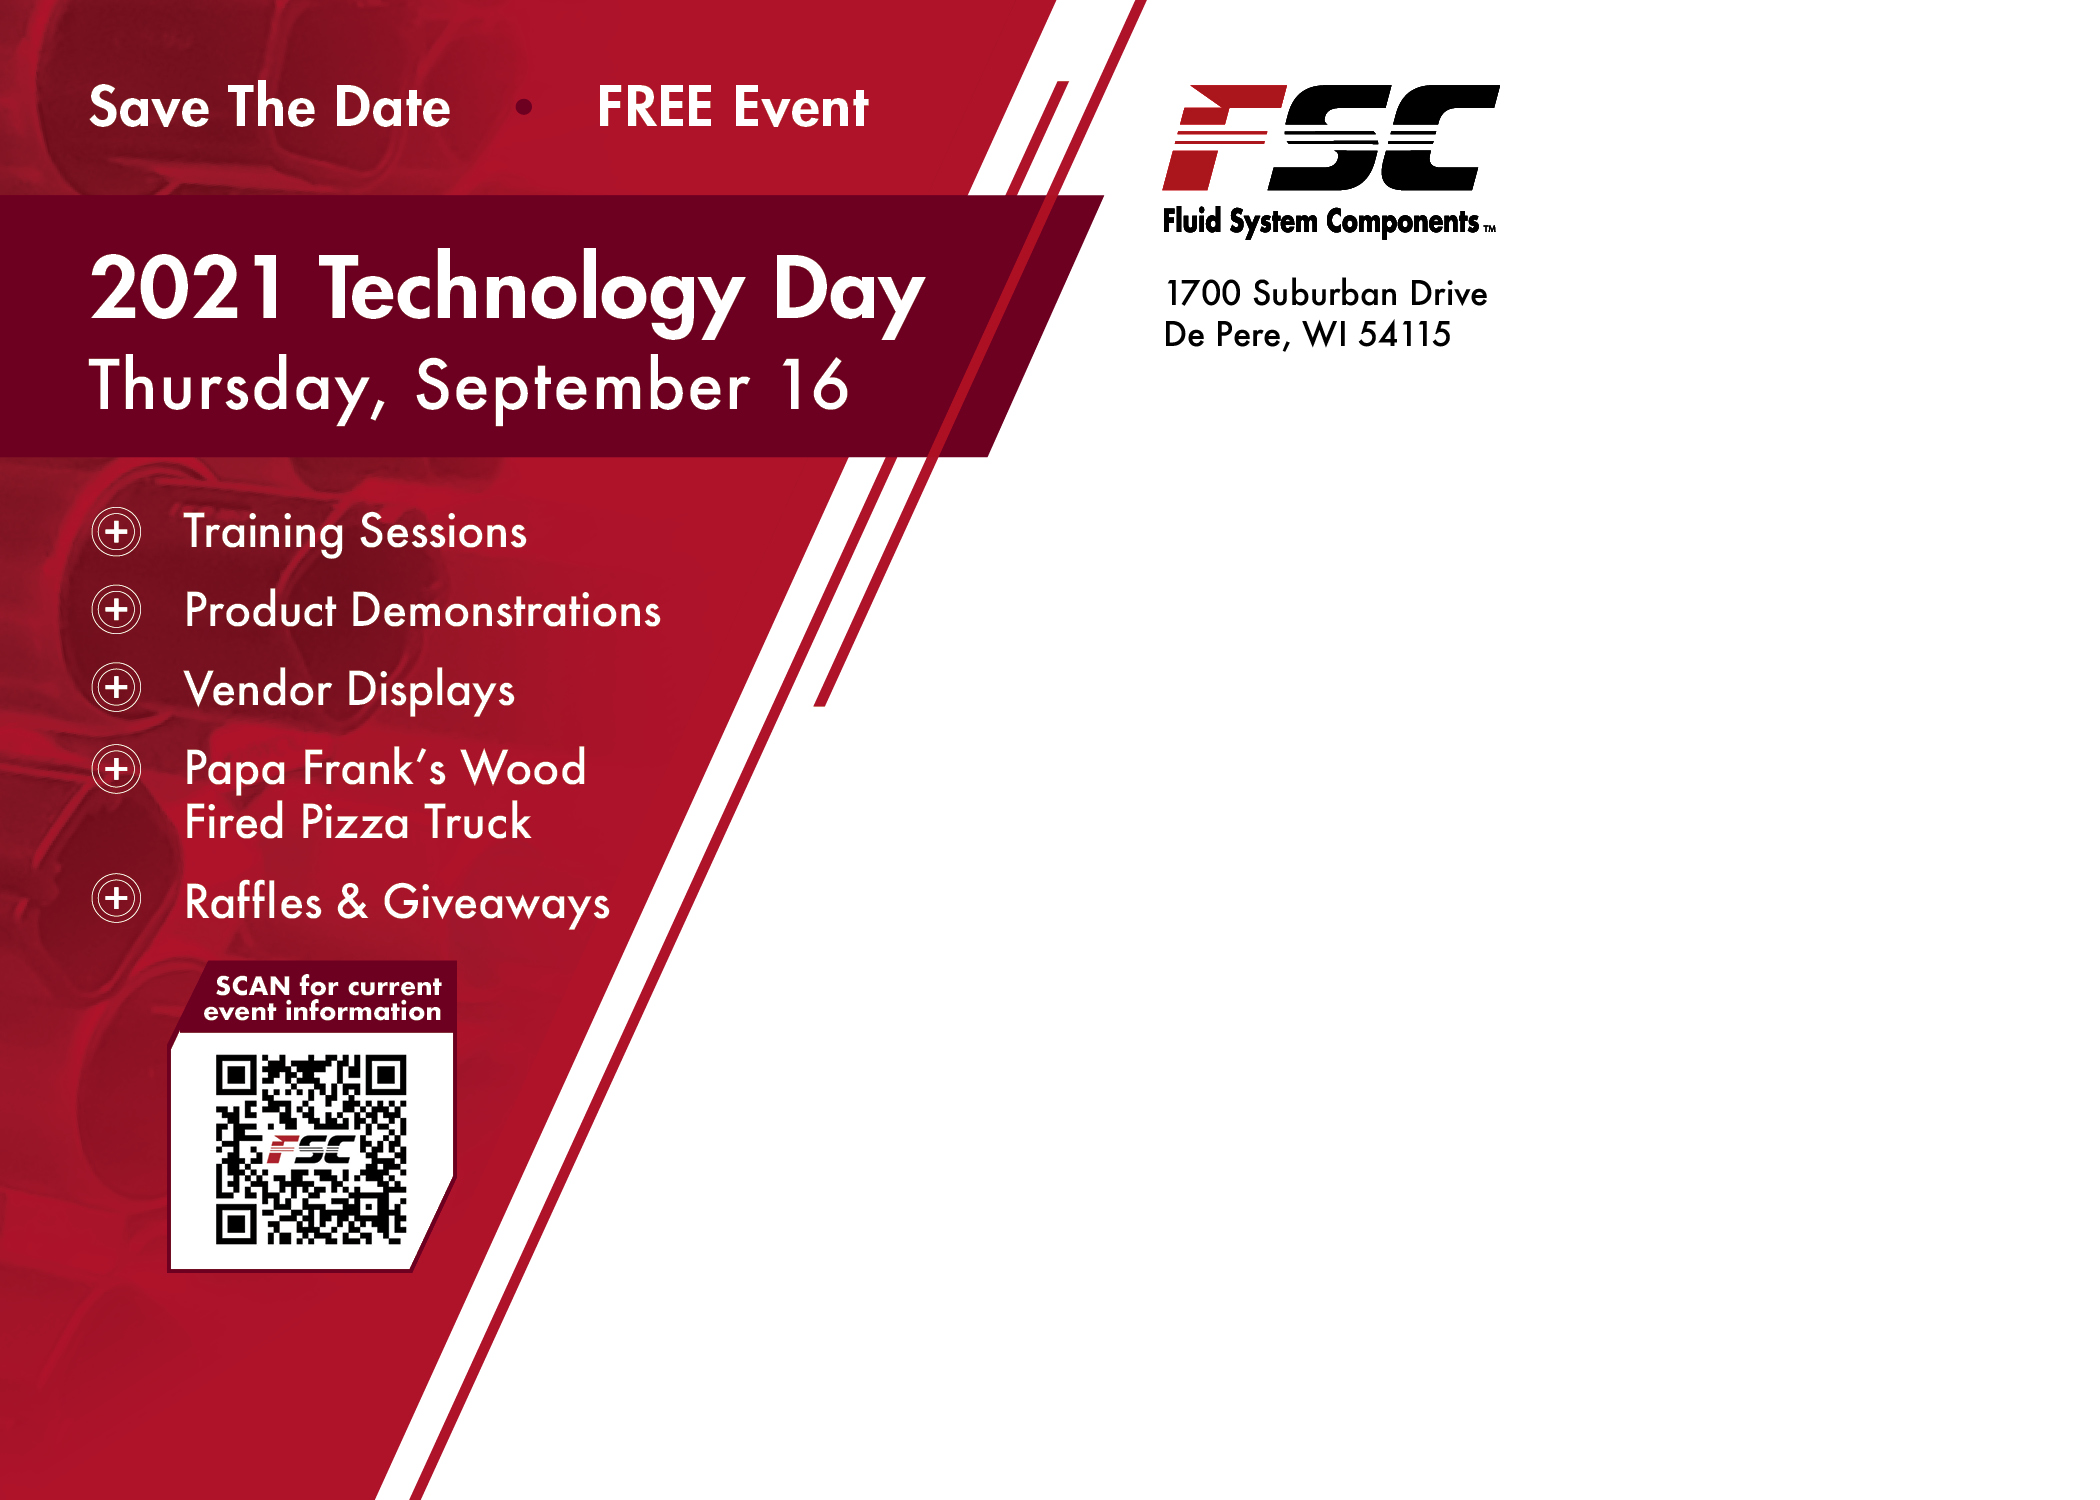 FSC Save the Date!